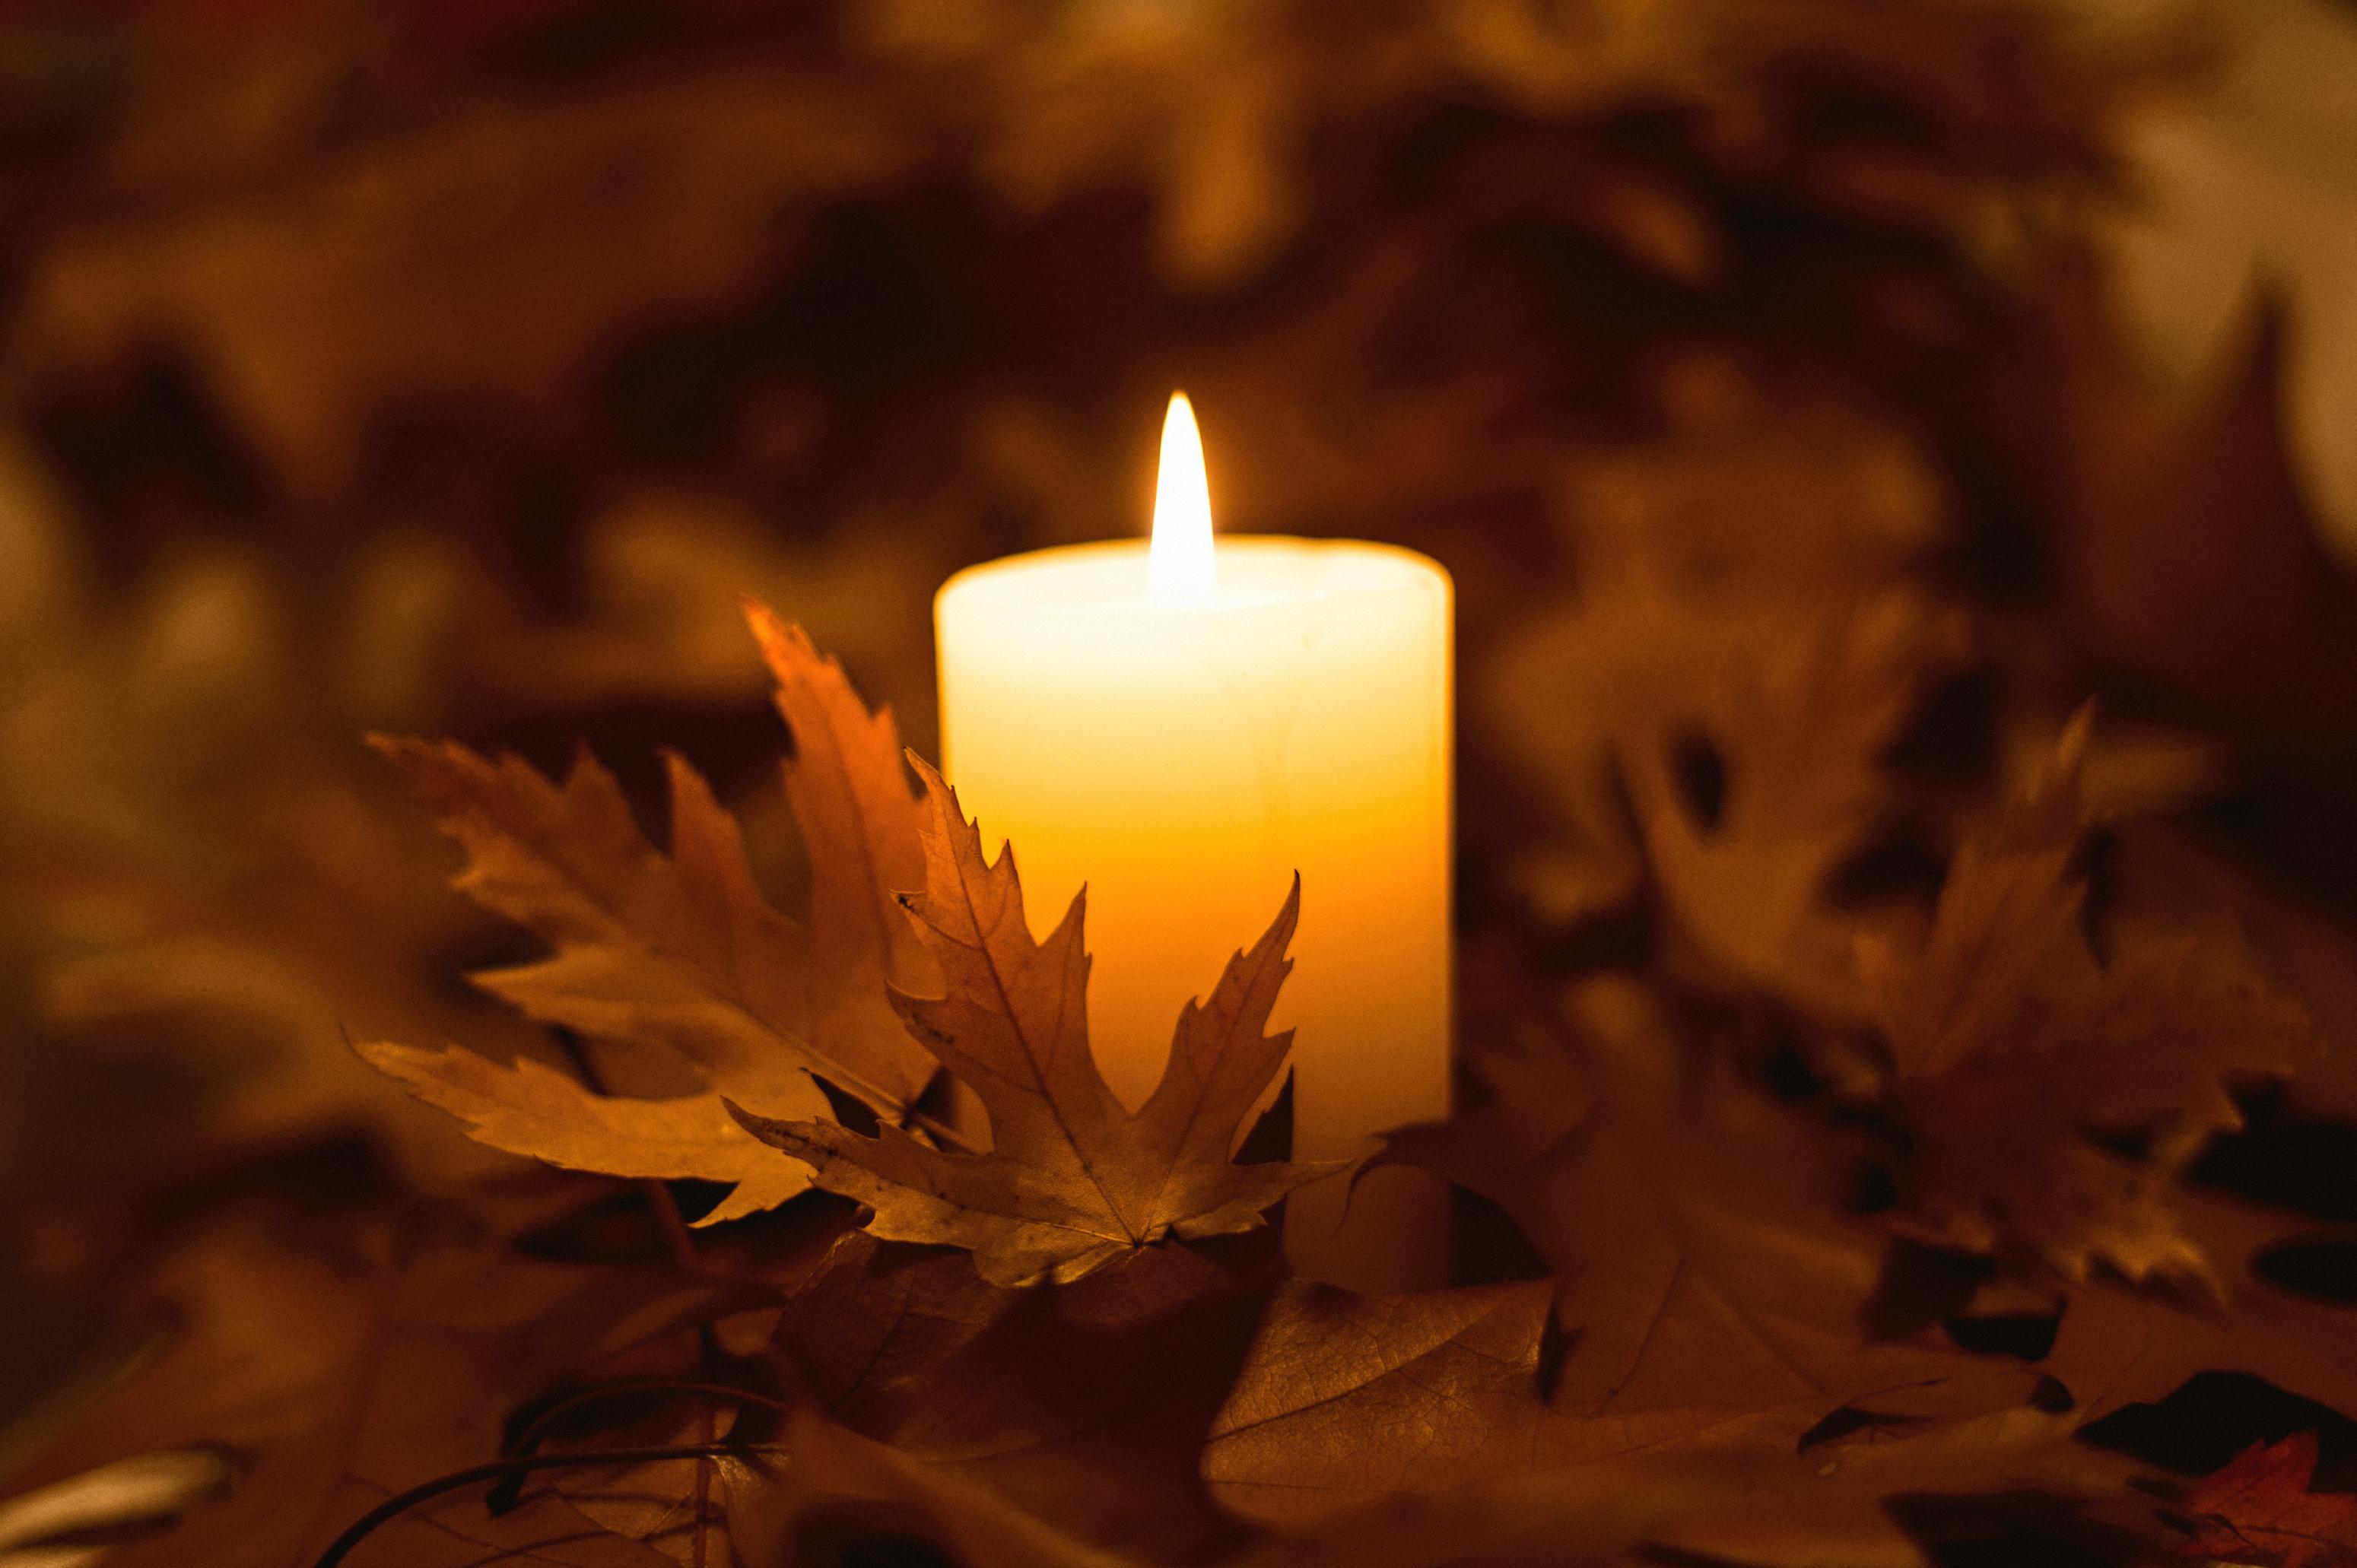 свечи пламя отражение скачать